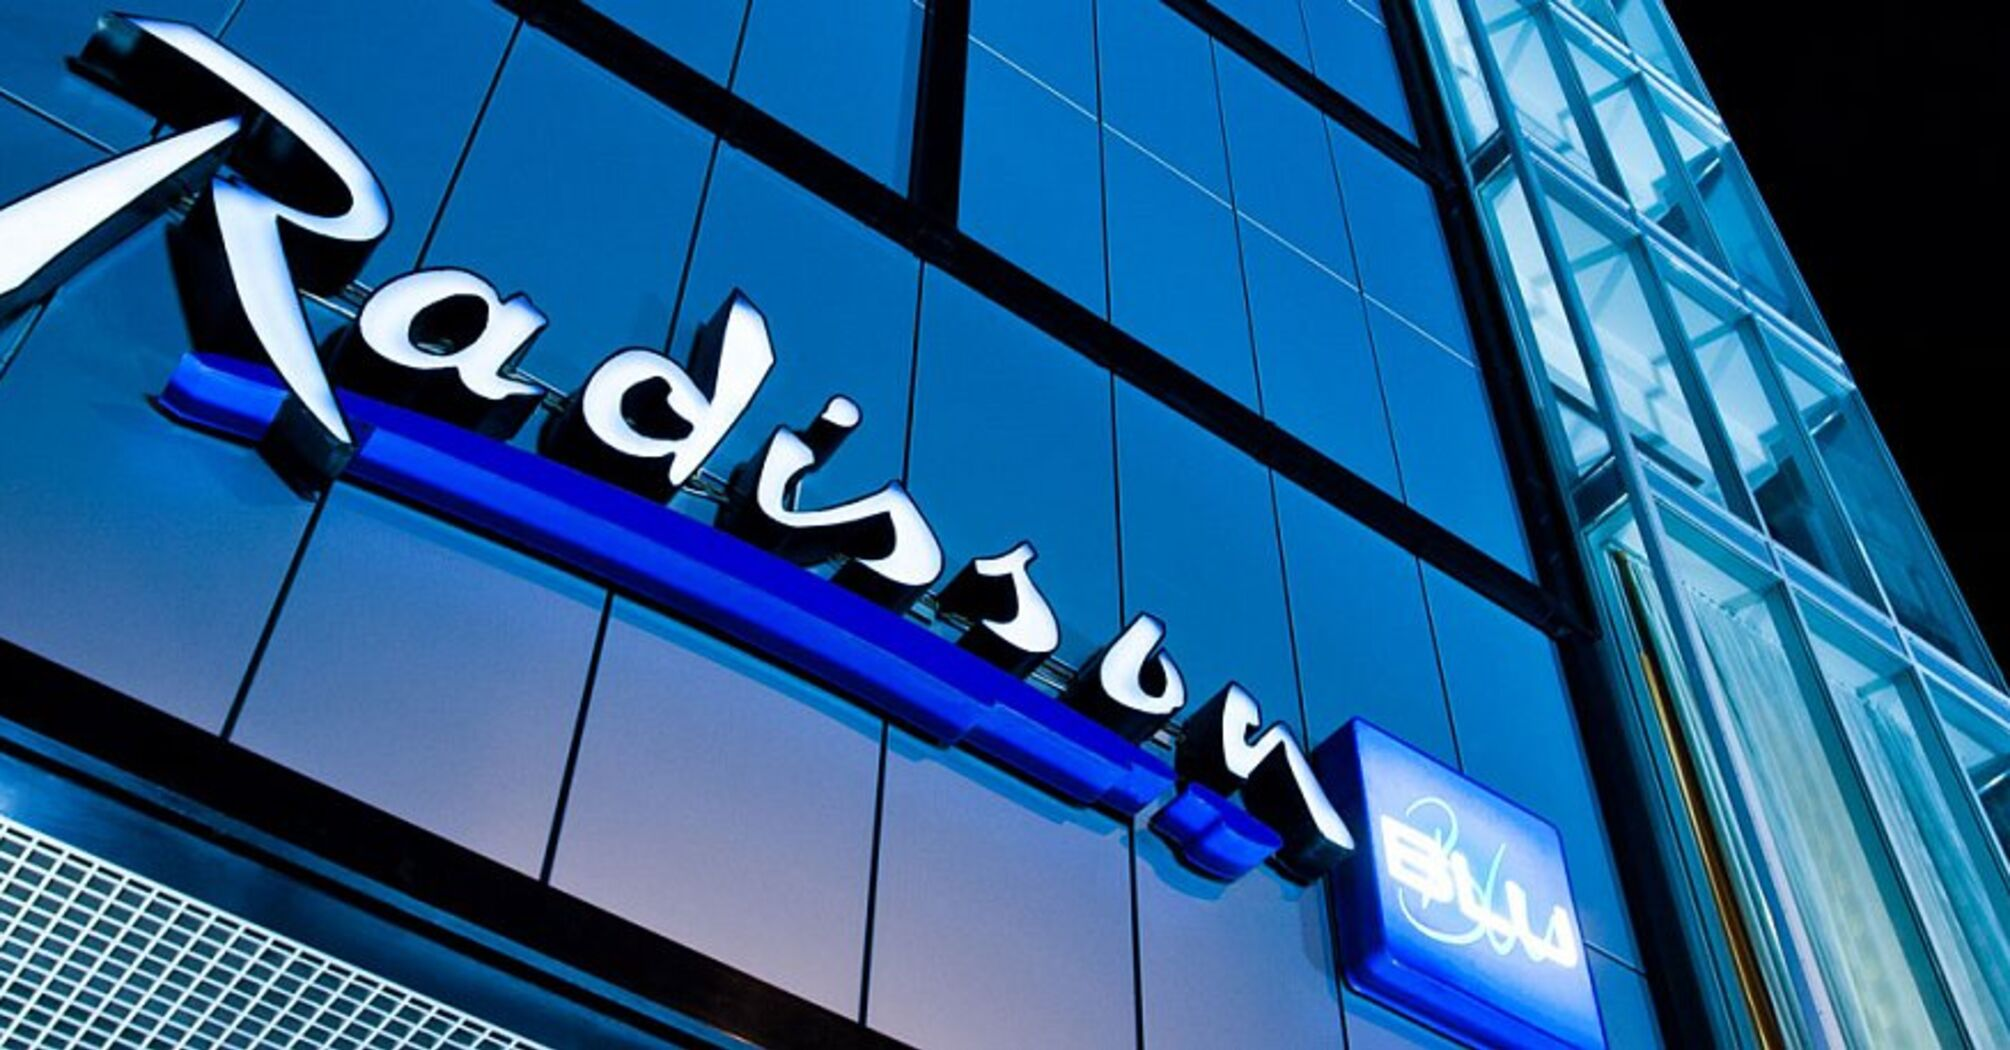 В Radisson Hotel Group разработали протокол безопасности для работы во время пандемии